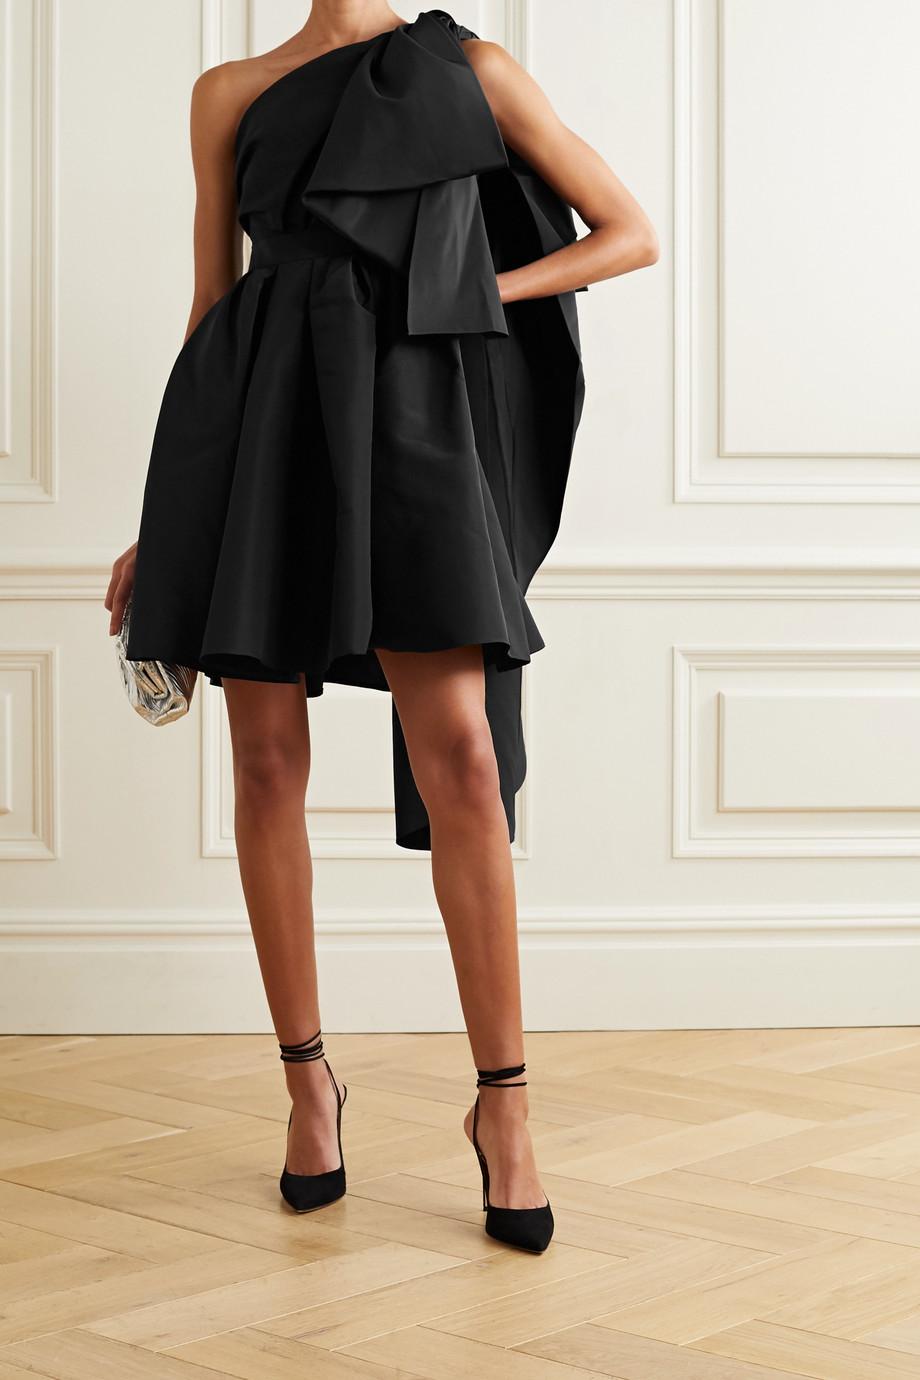 Carolina Herrera Minikleid aus Seiden-Faille mit asymmetrischer Schulterpartie und Raffungen